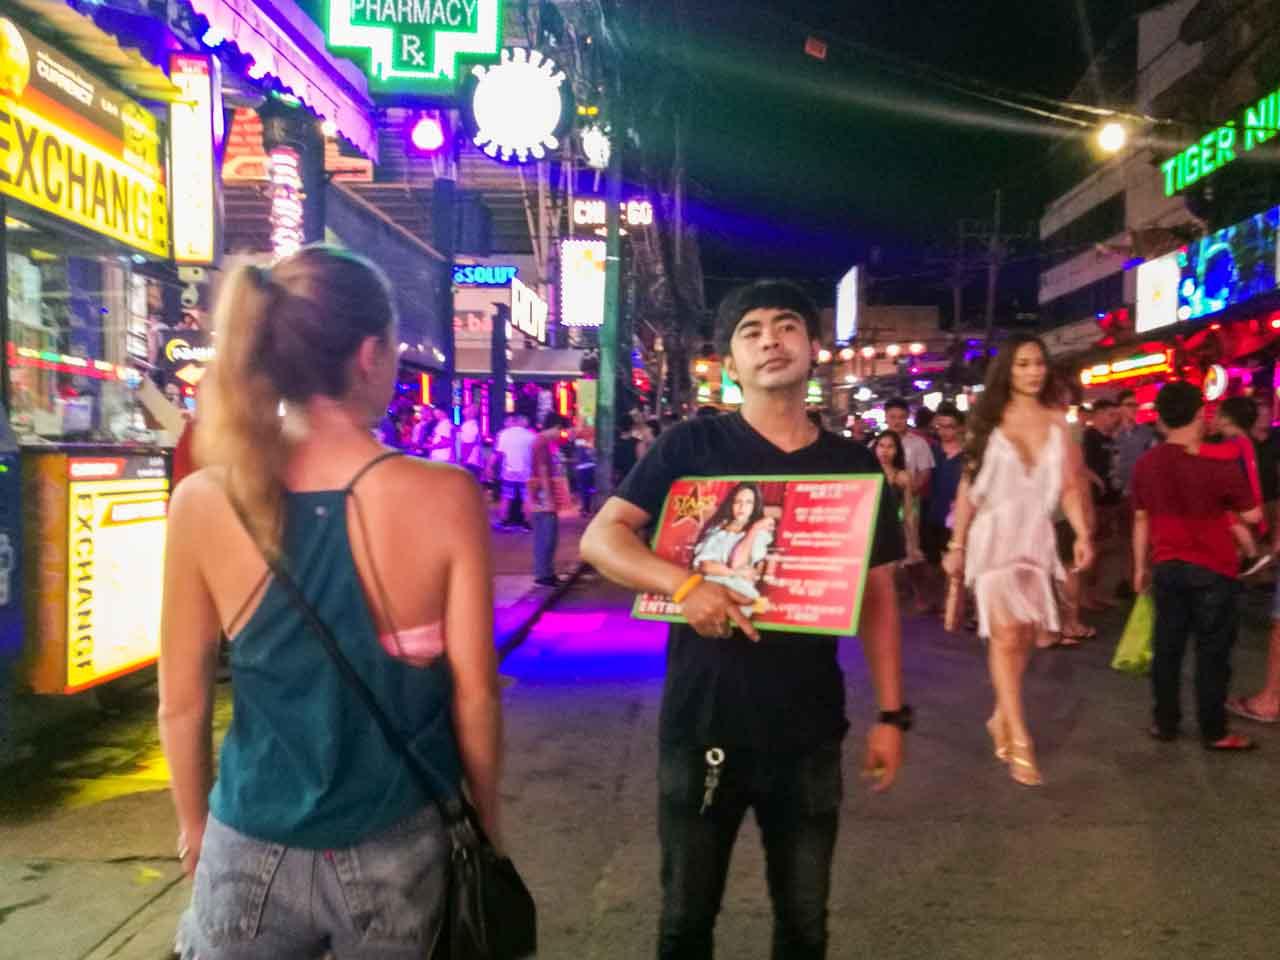 Victória na Bangla Road em Phuket: uma rua de prostituição na Tailândia